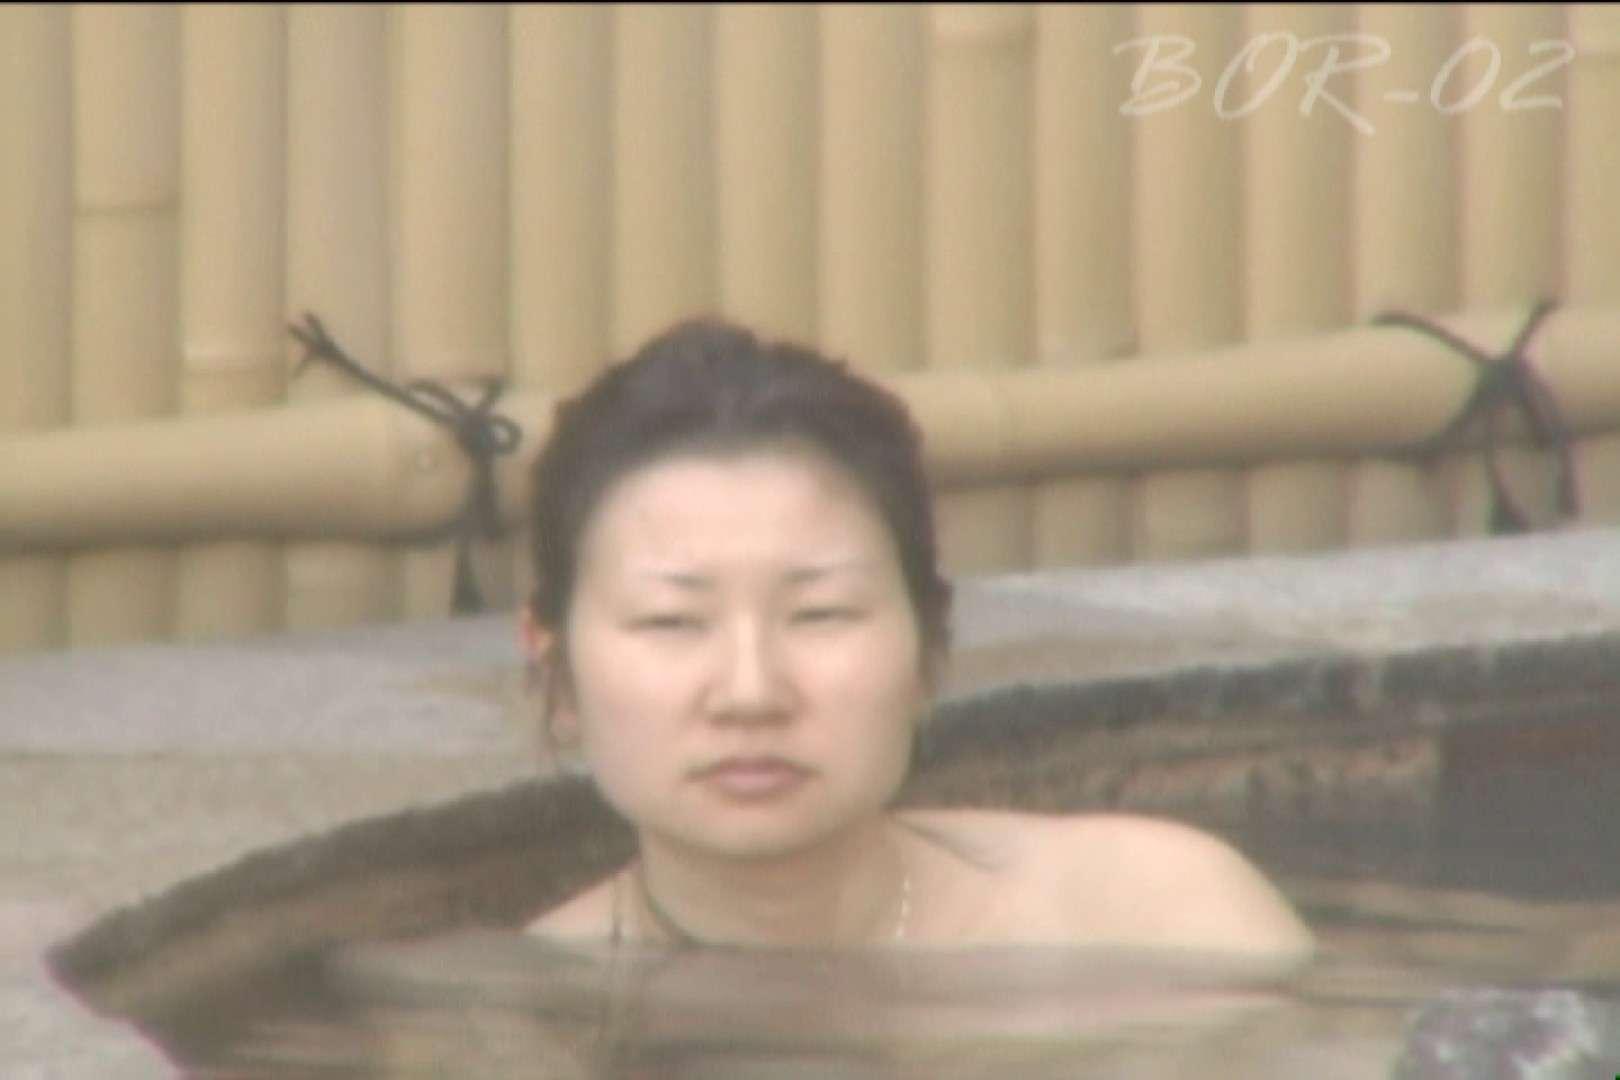 Aquaな露天風呂Vol.476 盗撮 | 露天風呂  82連発 22